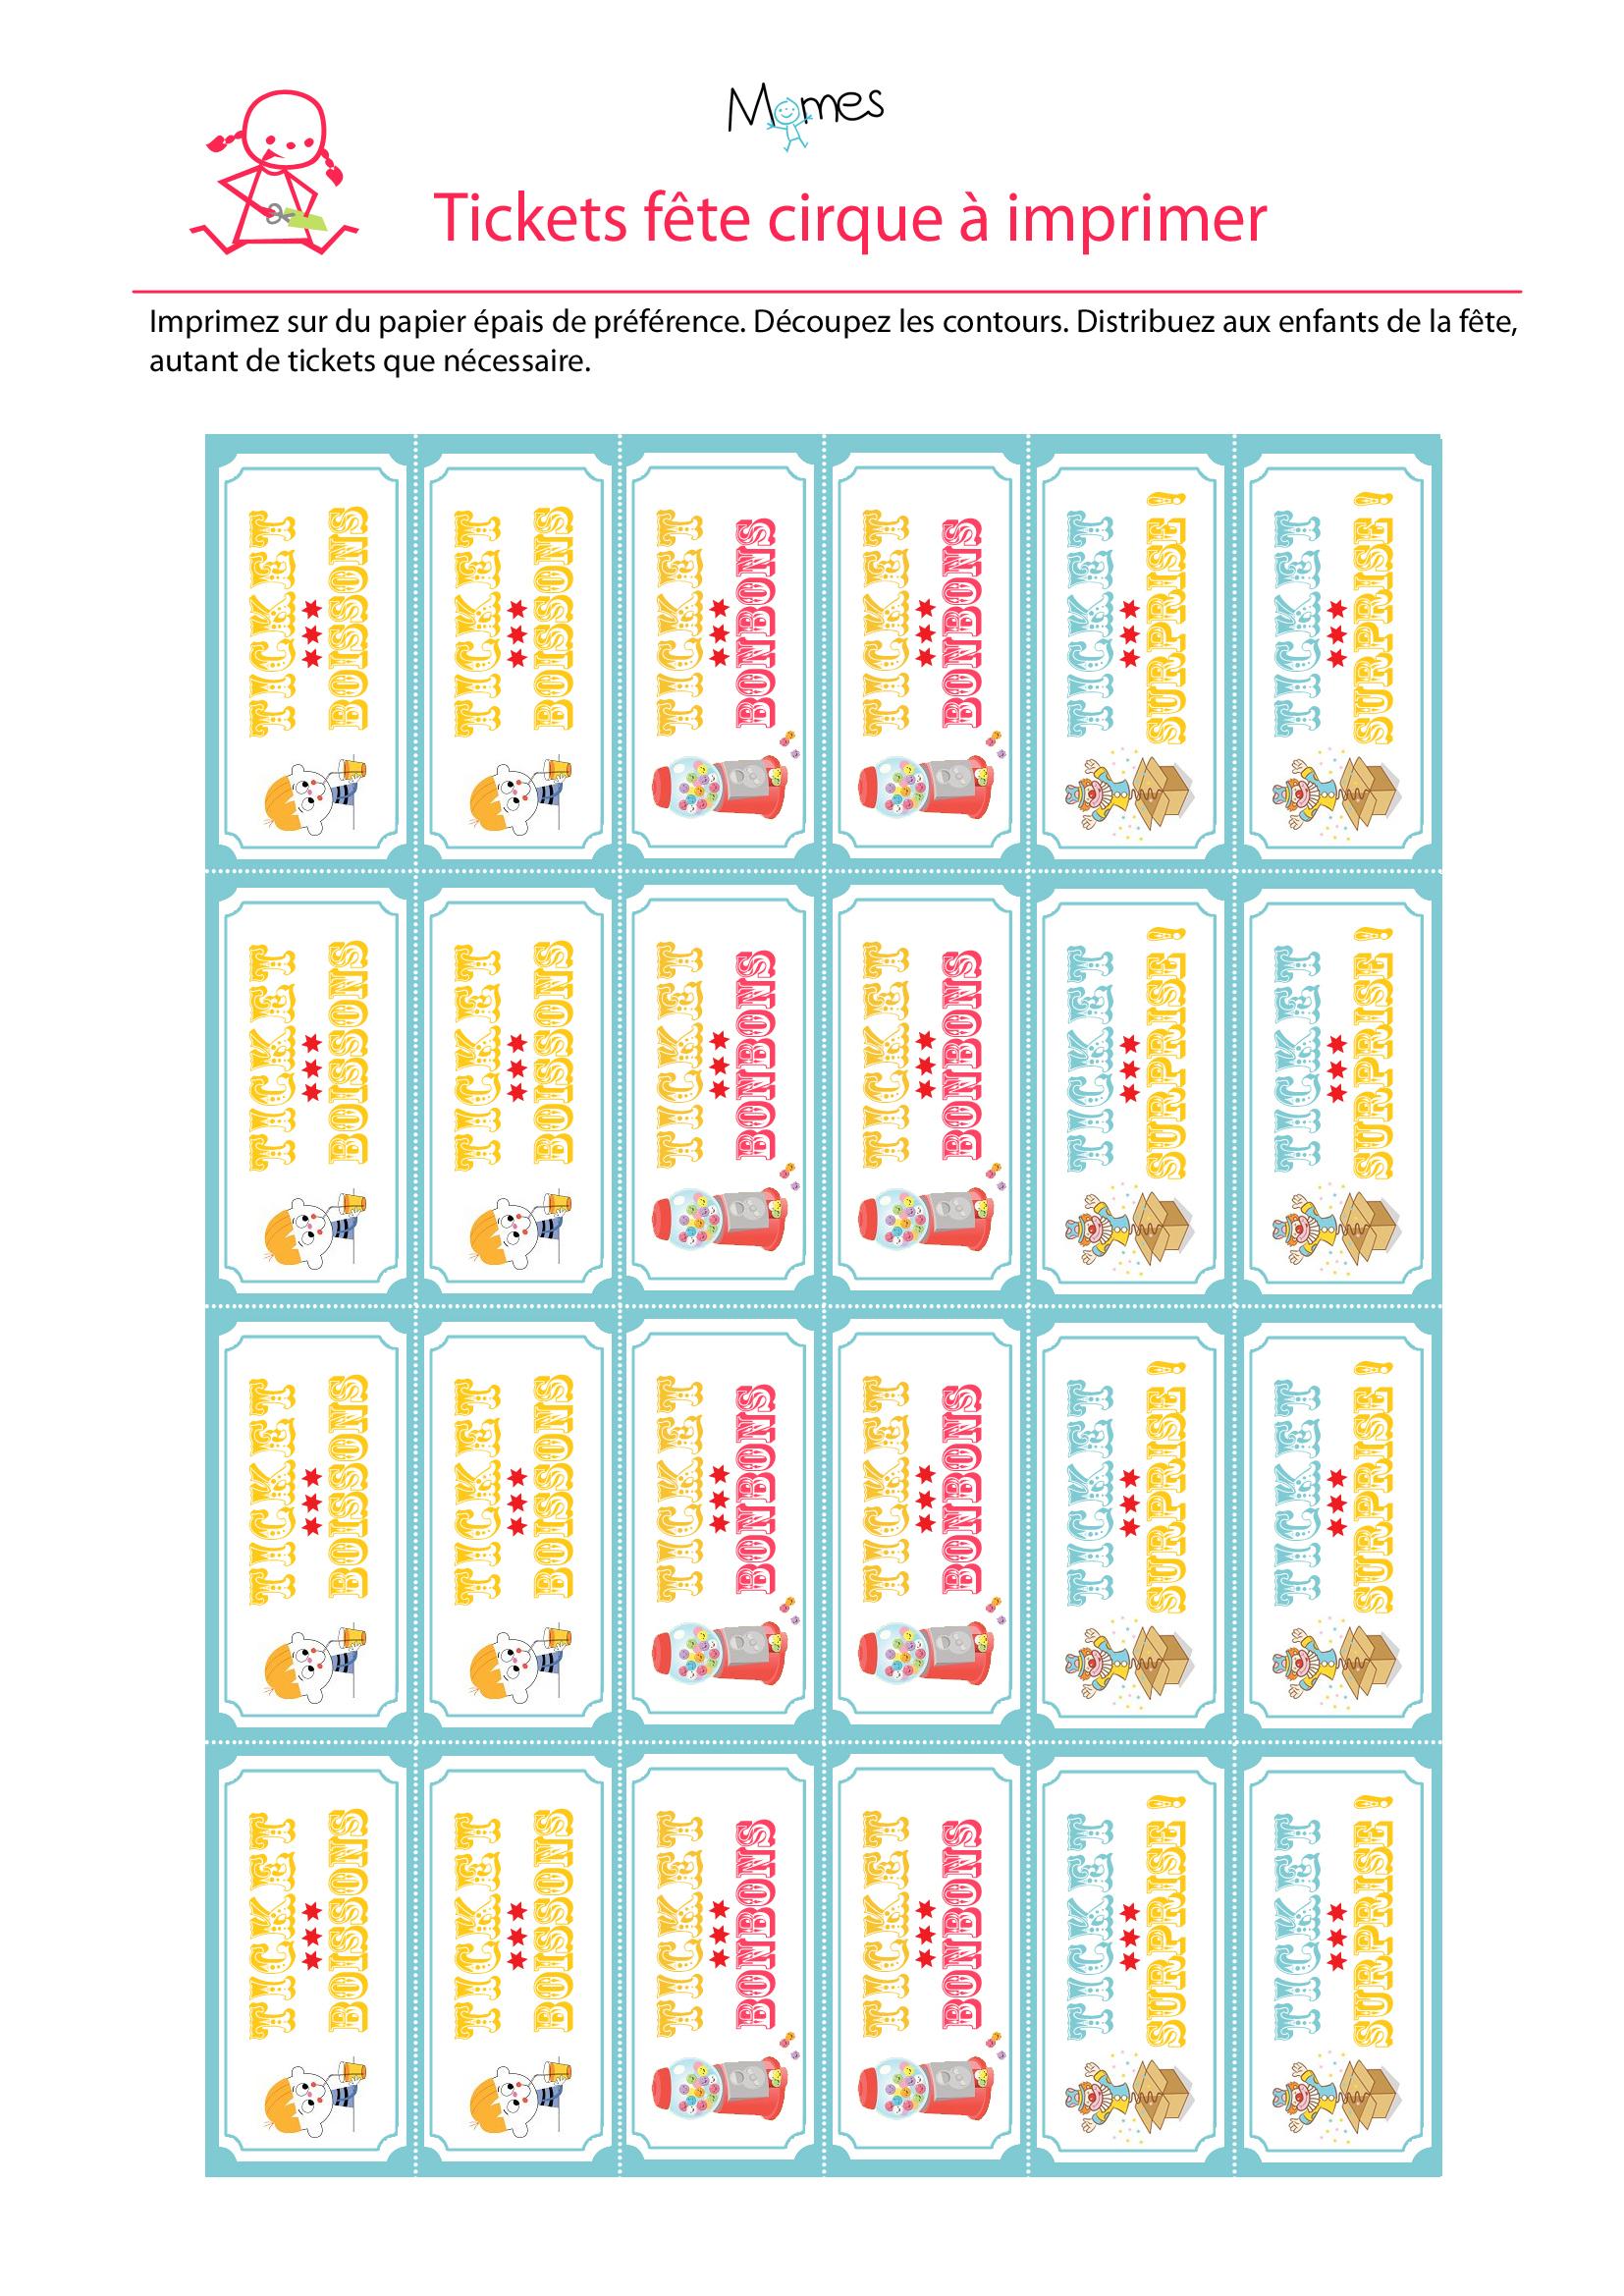 Ticket À Imprimer Pour Une Fête Cirque - Momes encequiconcerne Billet A Imprimer